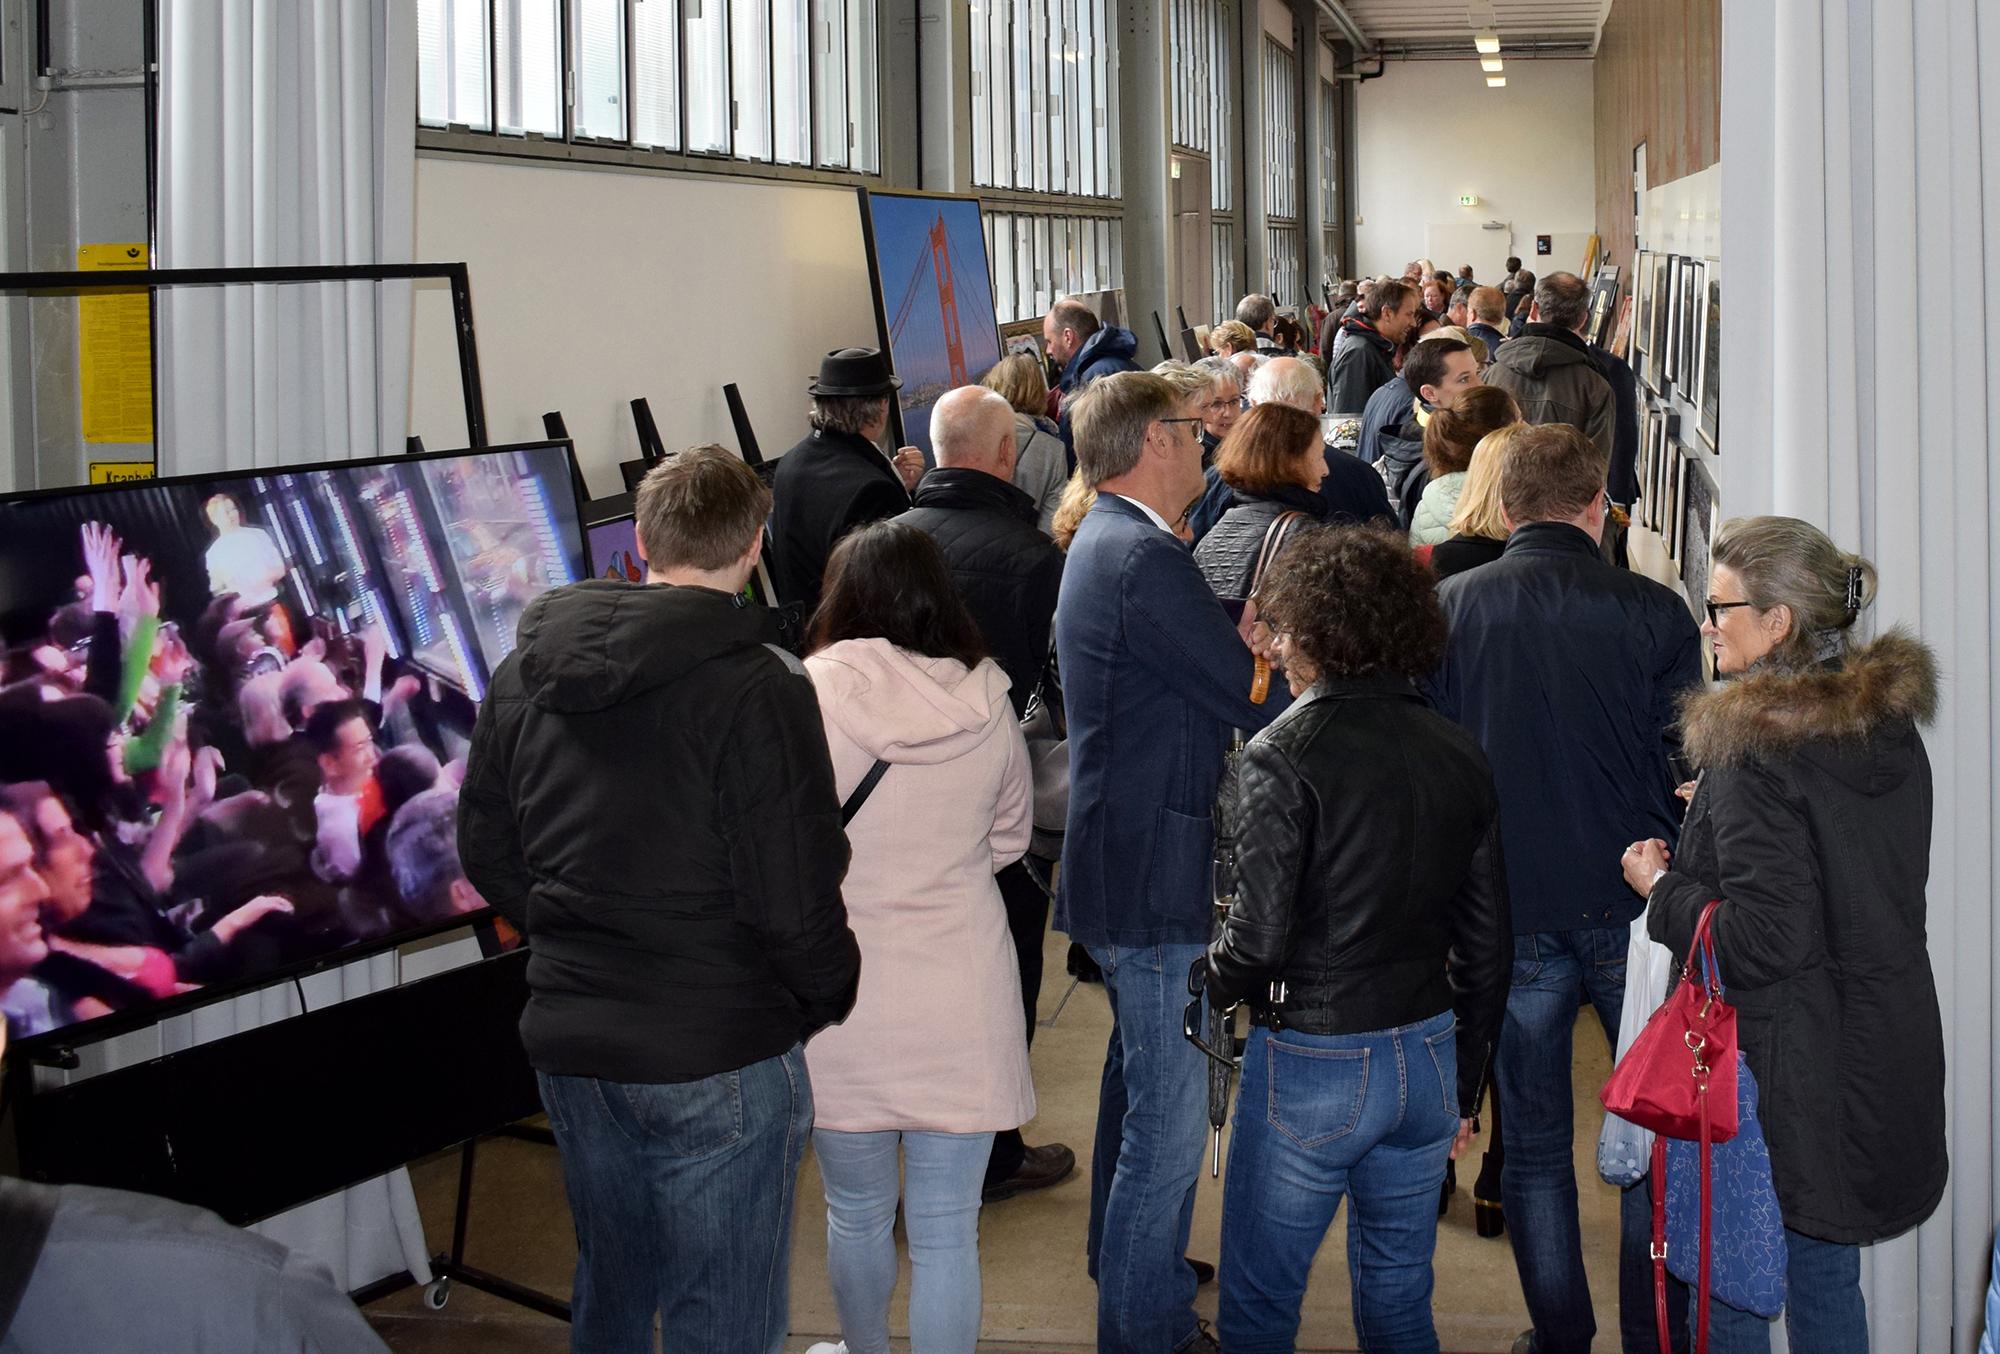 Fazzino-Ausstellung in der Zeche Zollverein